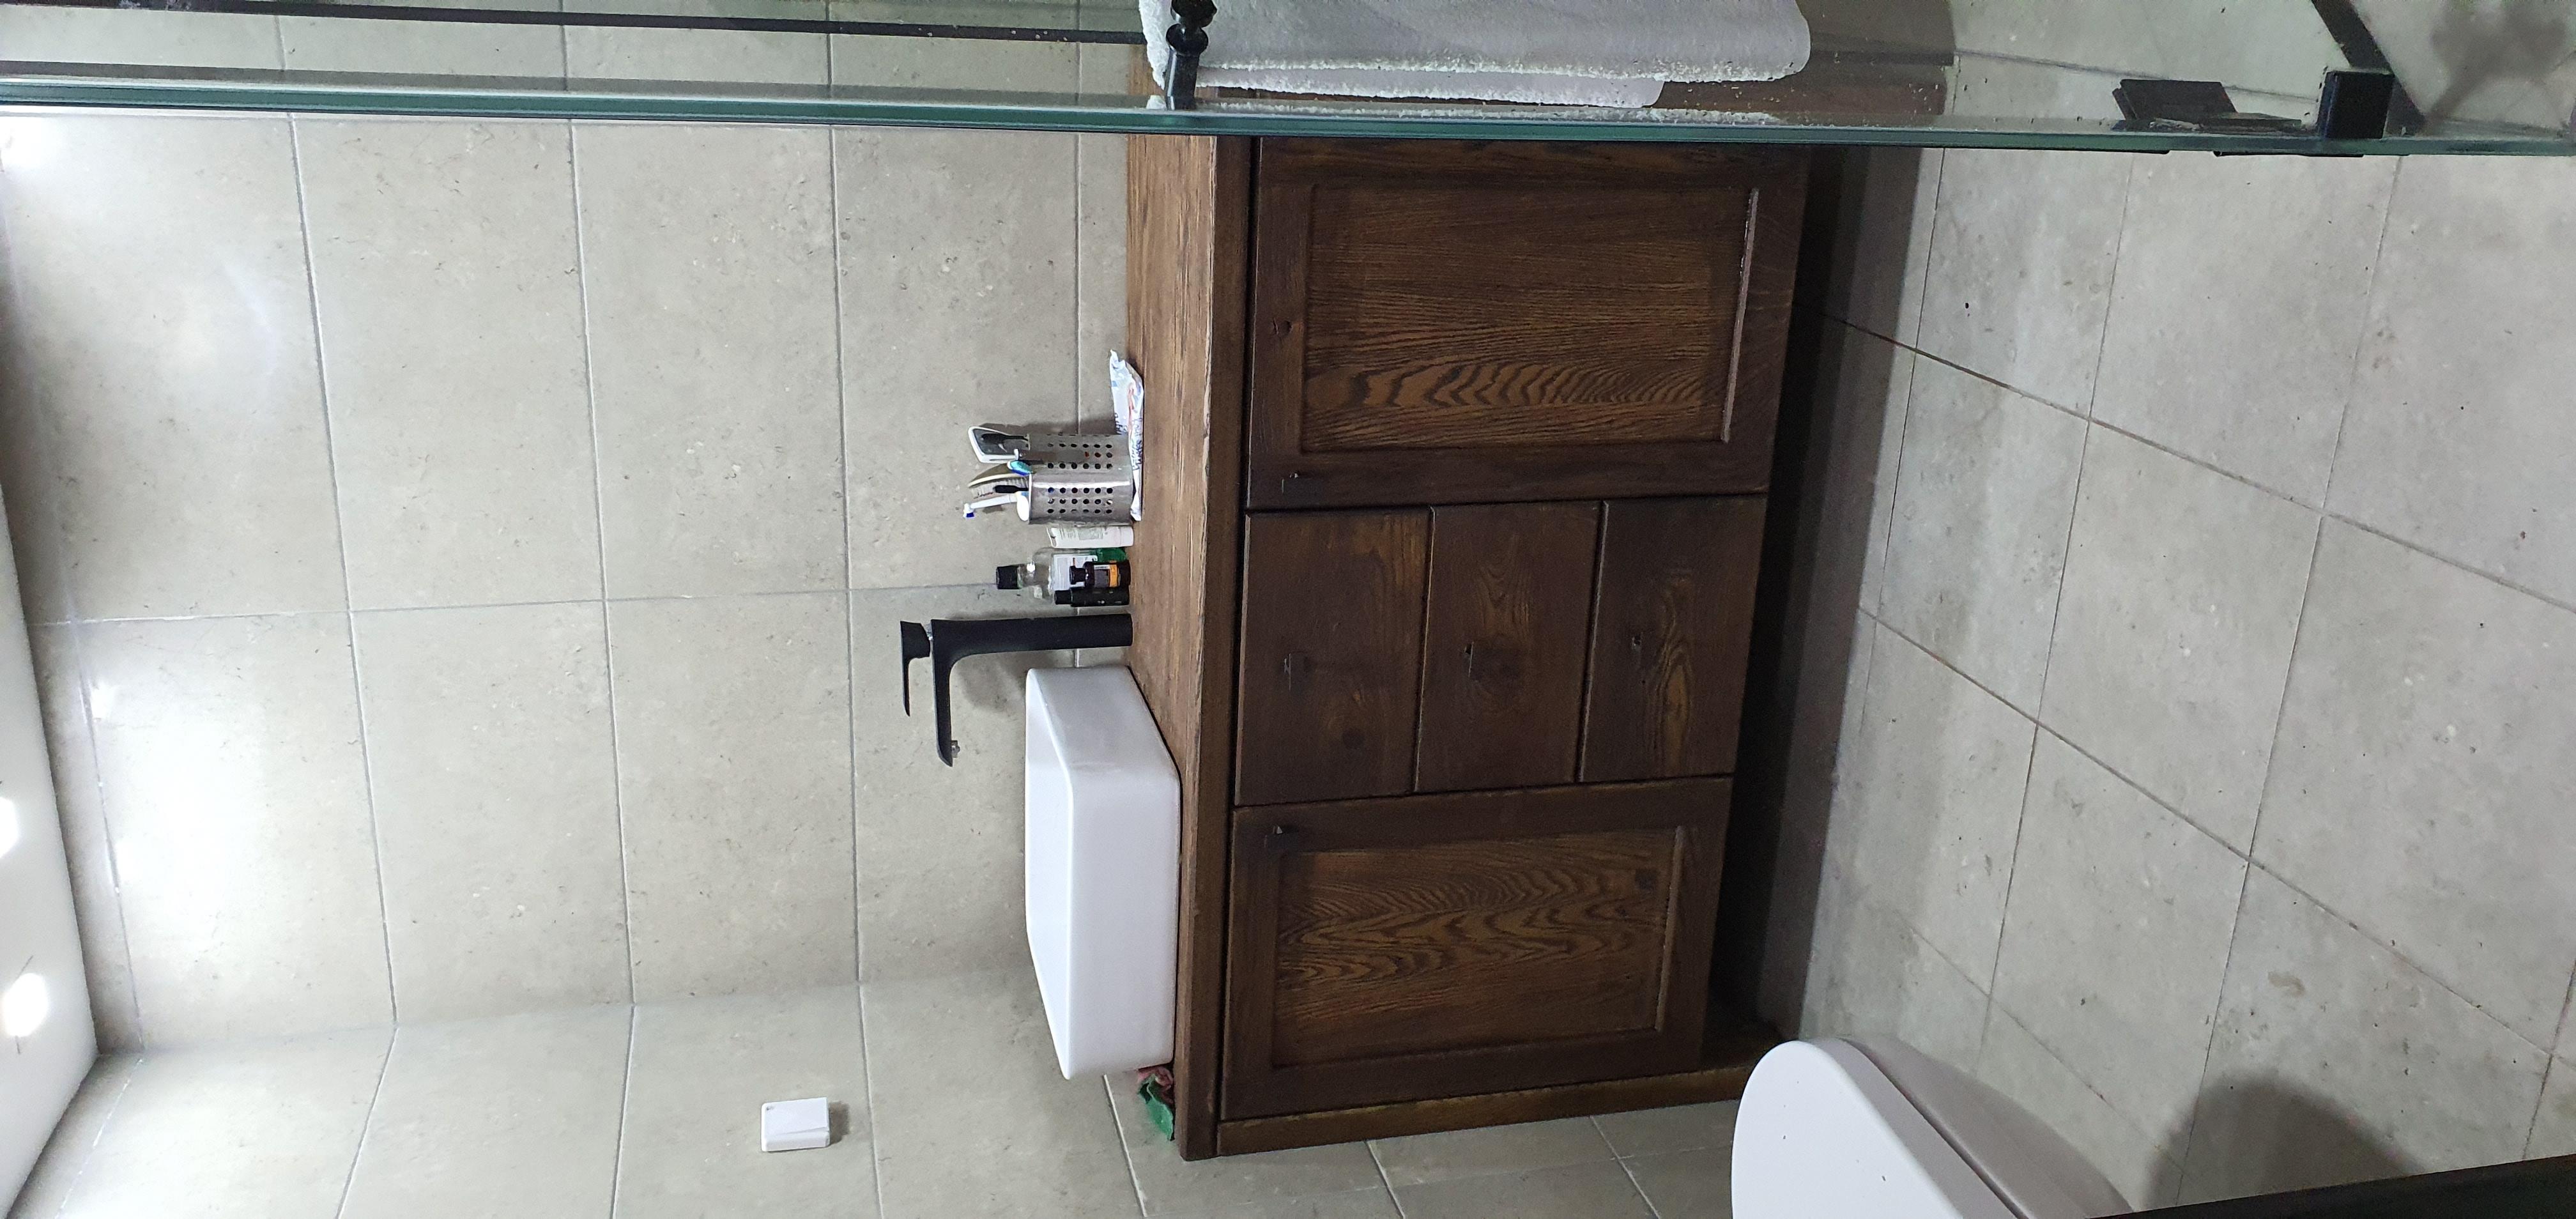 ארונית אמבטיה אלון מוברש ומושחר